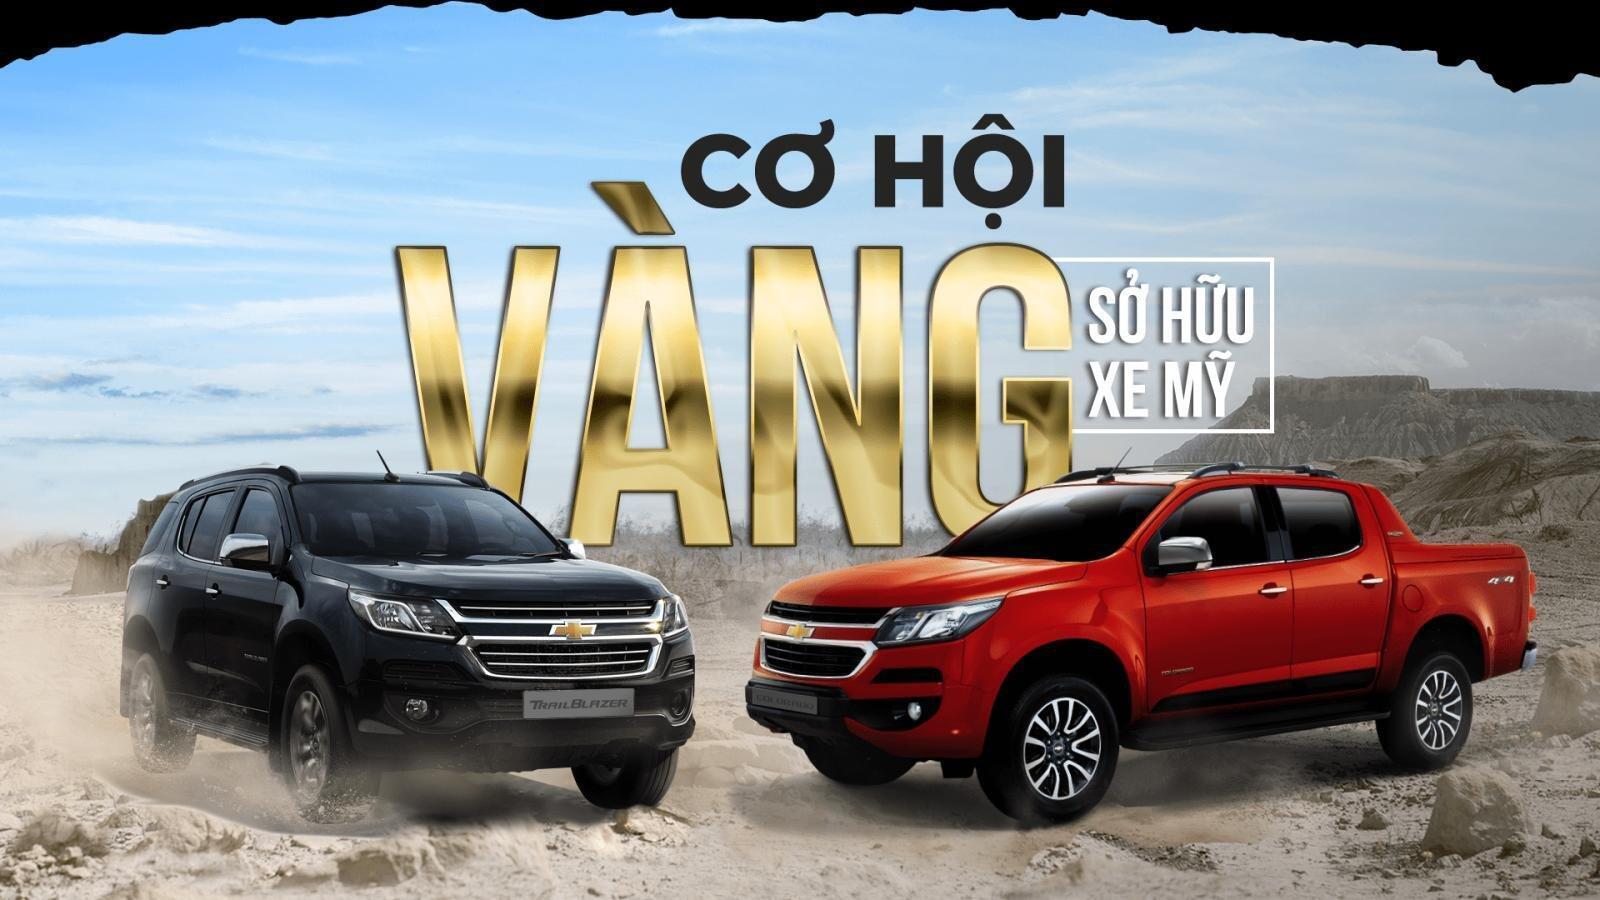 mua-xe-chevrolet-trong-thang-10-nhan-uu-dai-tri-gia-len-toi-150-trieu-dong